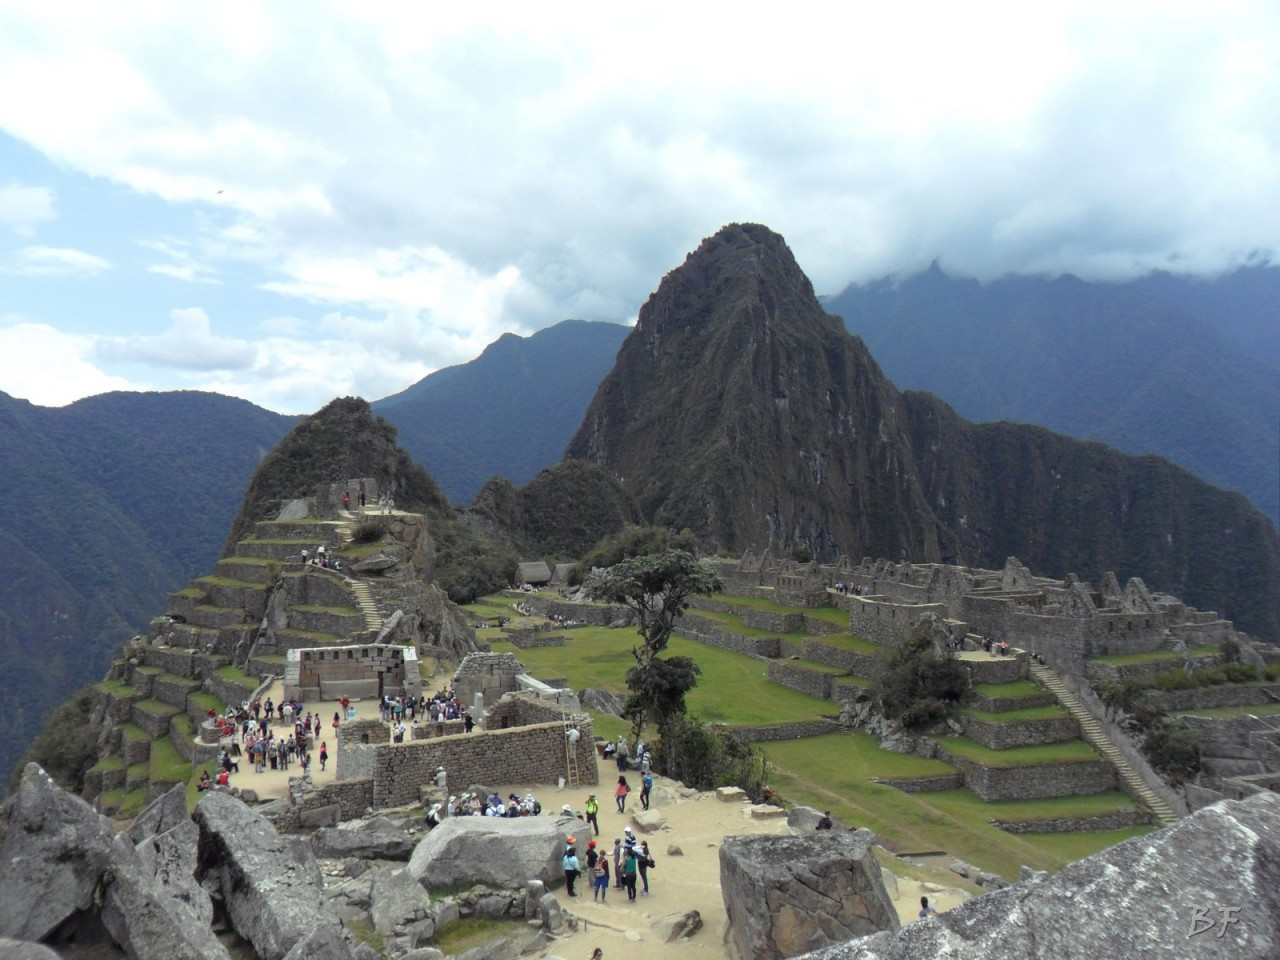 Mura-Poligonali-Incisioni-Altari-Edifici-Rupestri-Megaliti-Machu-Picchu-Aguas-Calientes-Urubamba-Cusco-Perù-83